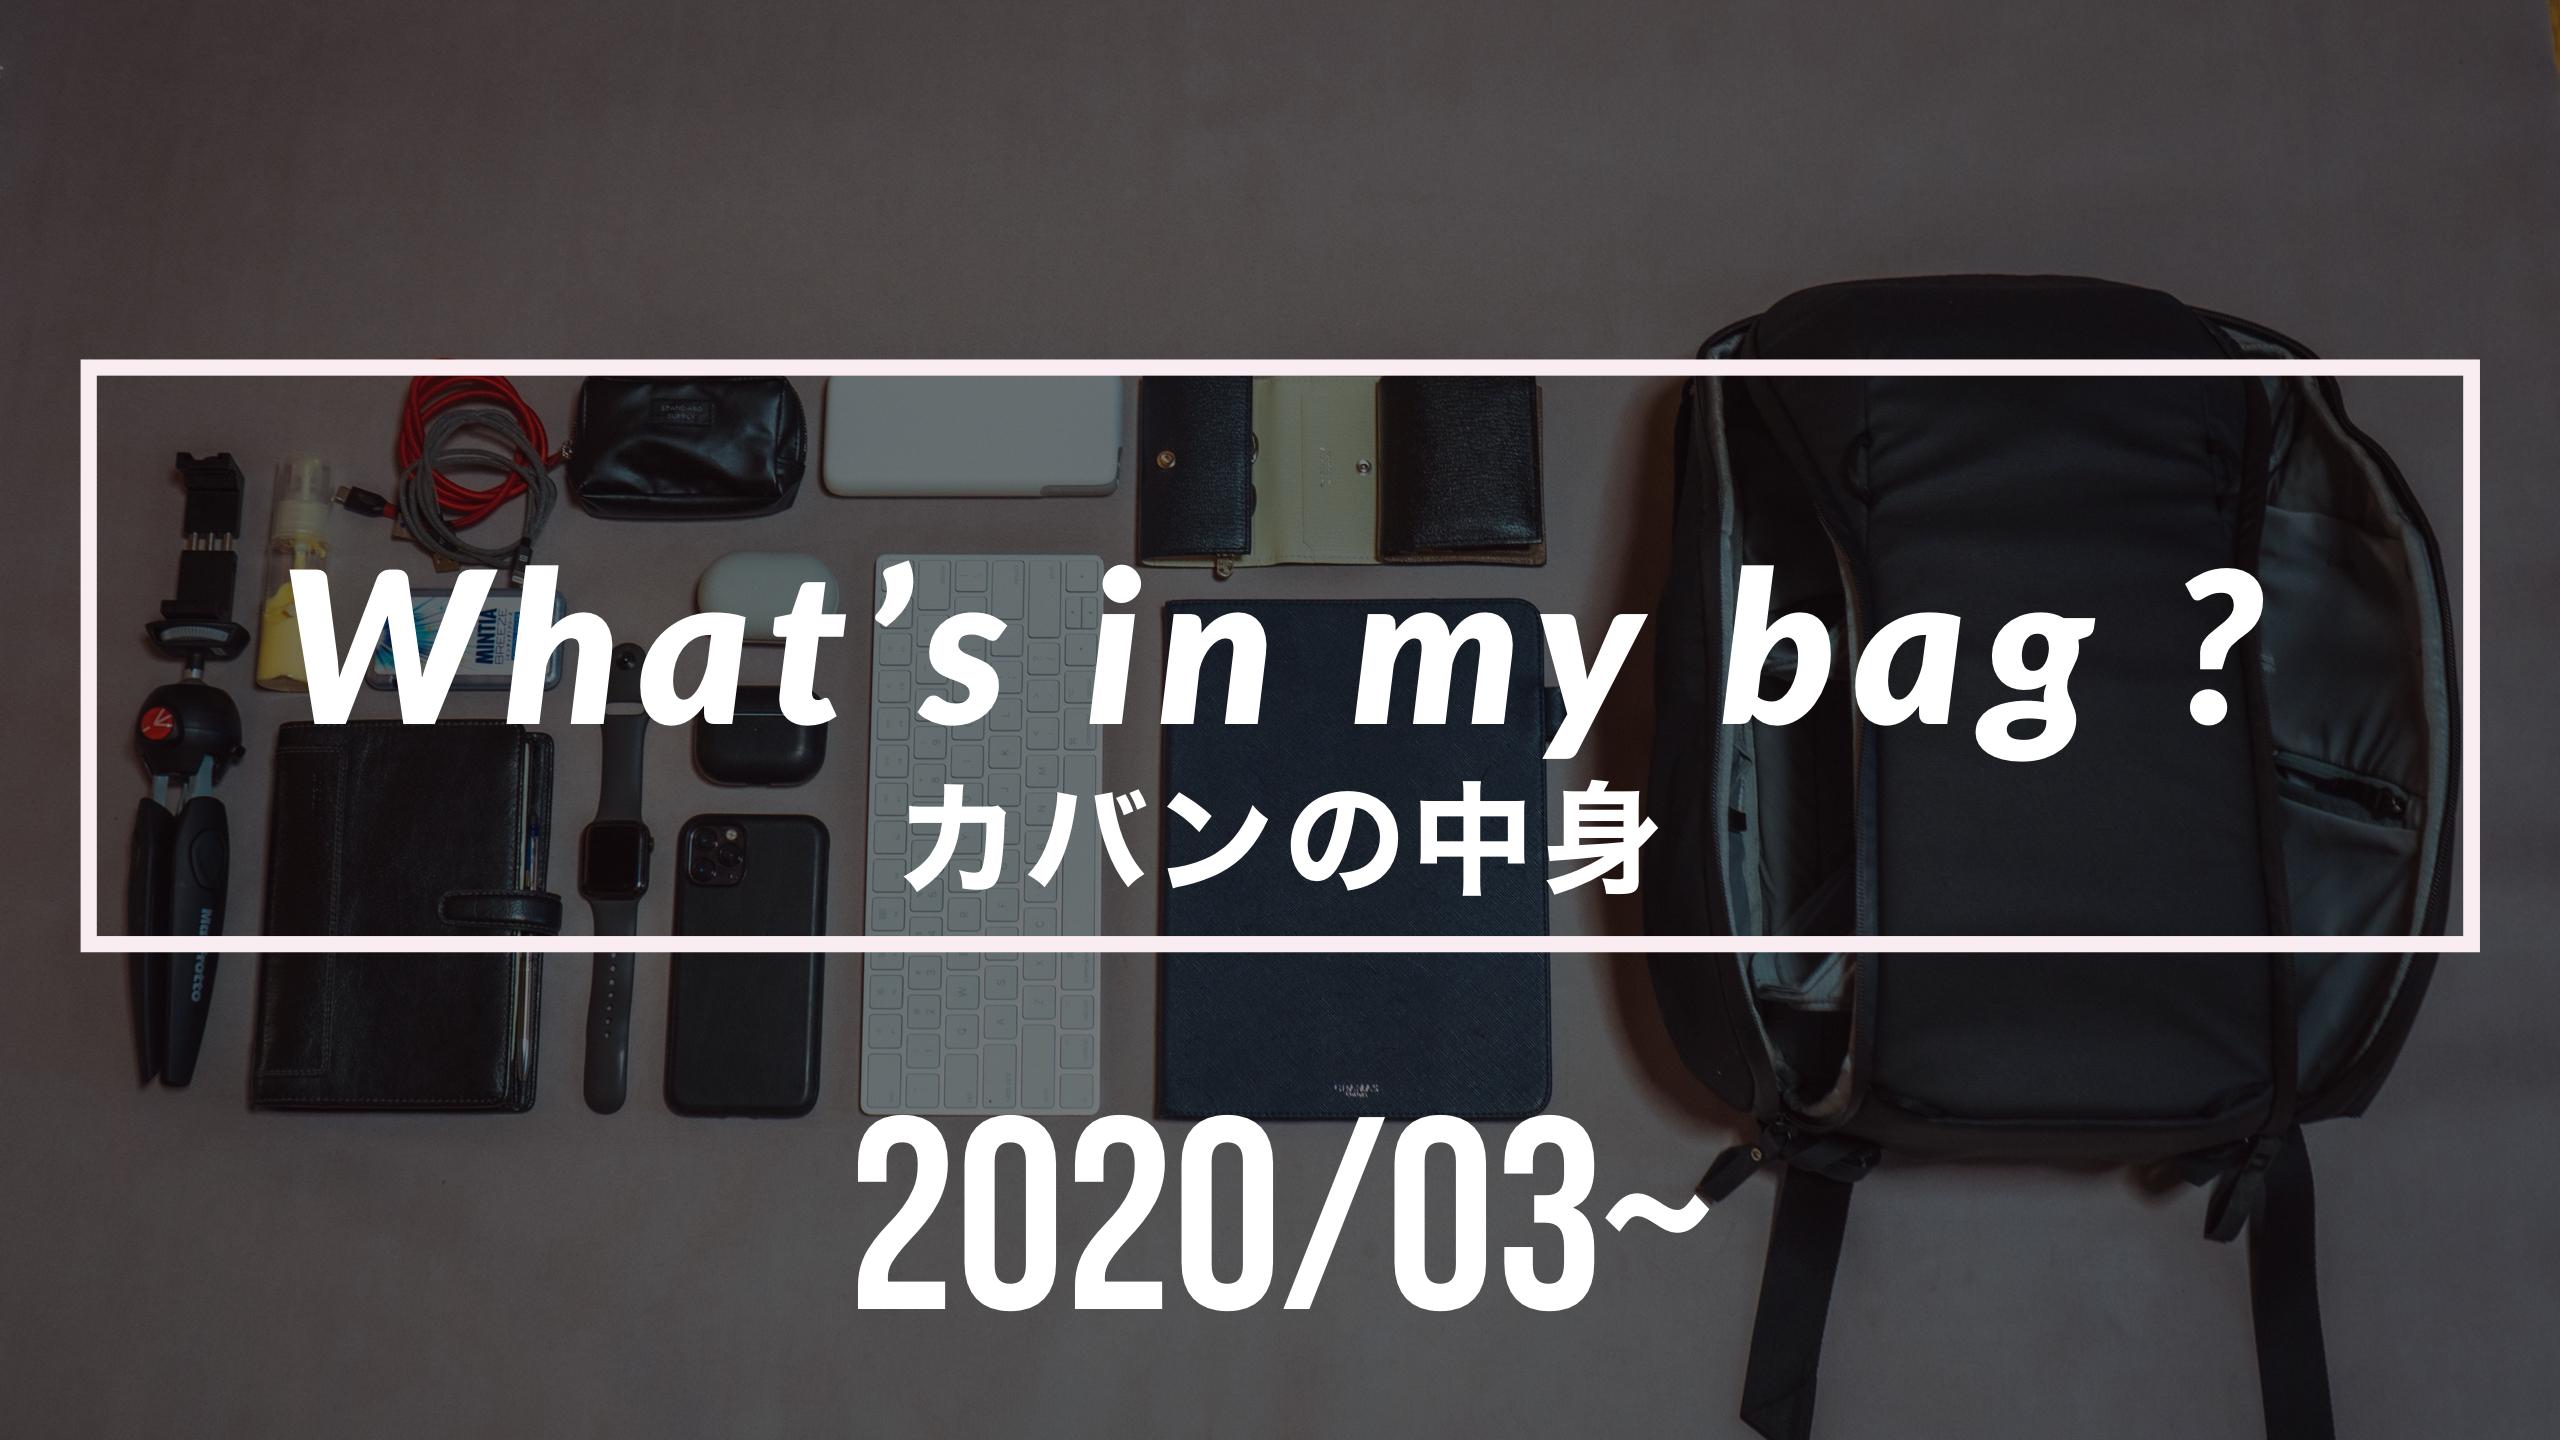 【カバンの中身】ミニマル好きな初心者ノマドワーカーの持ち物 【2020/03~】